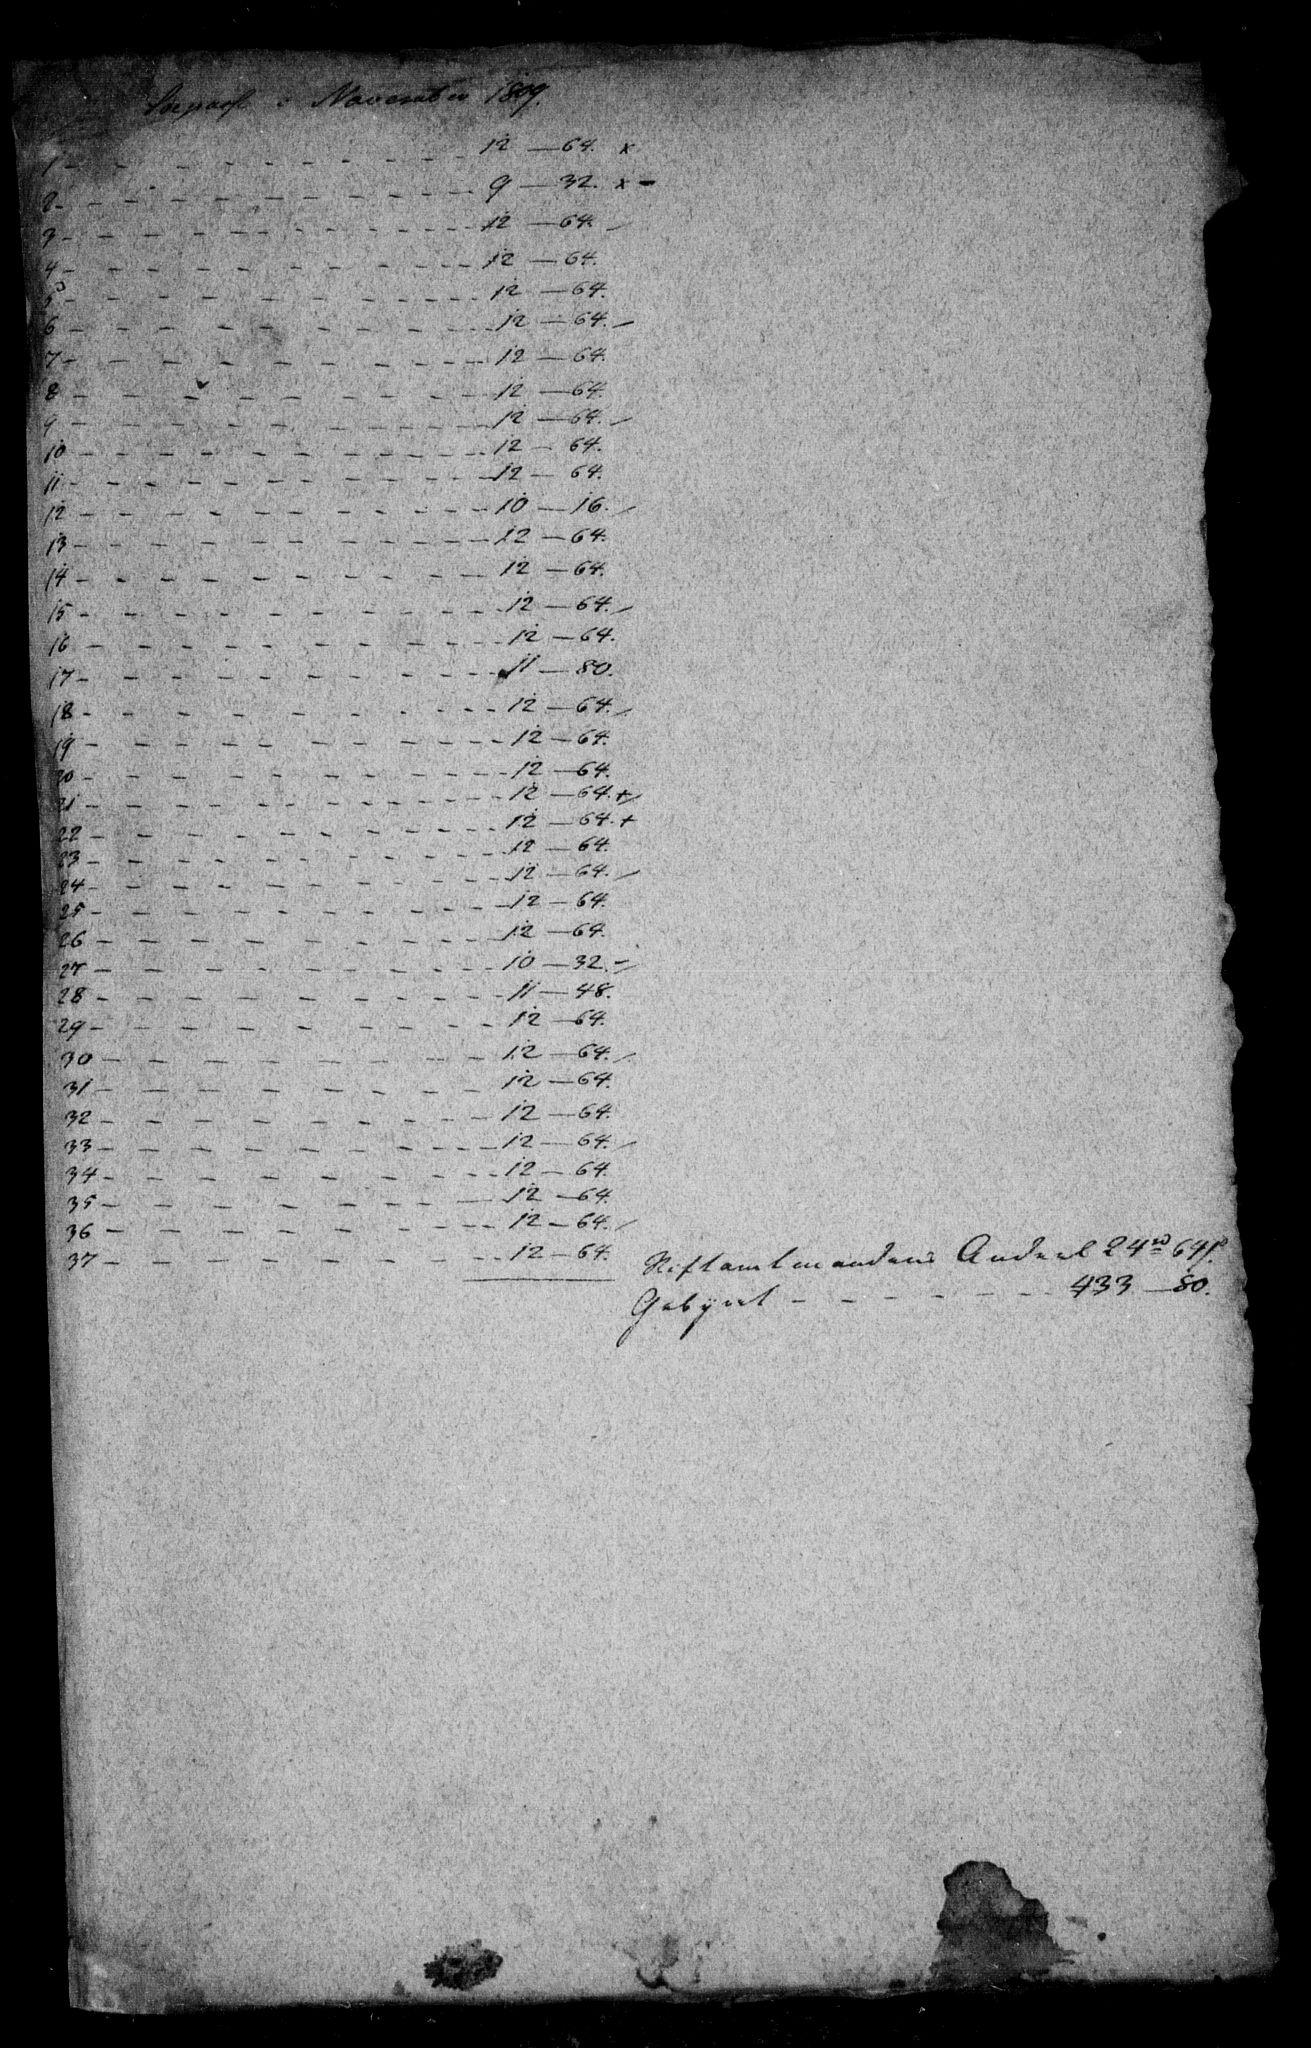 RA, Danske Kanselli, Skapsaker, F/L0052: Skap 13, pakke 2, 1809-1810, s. 295